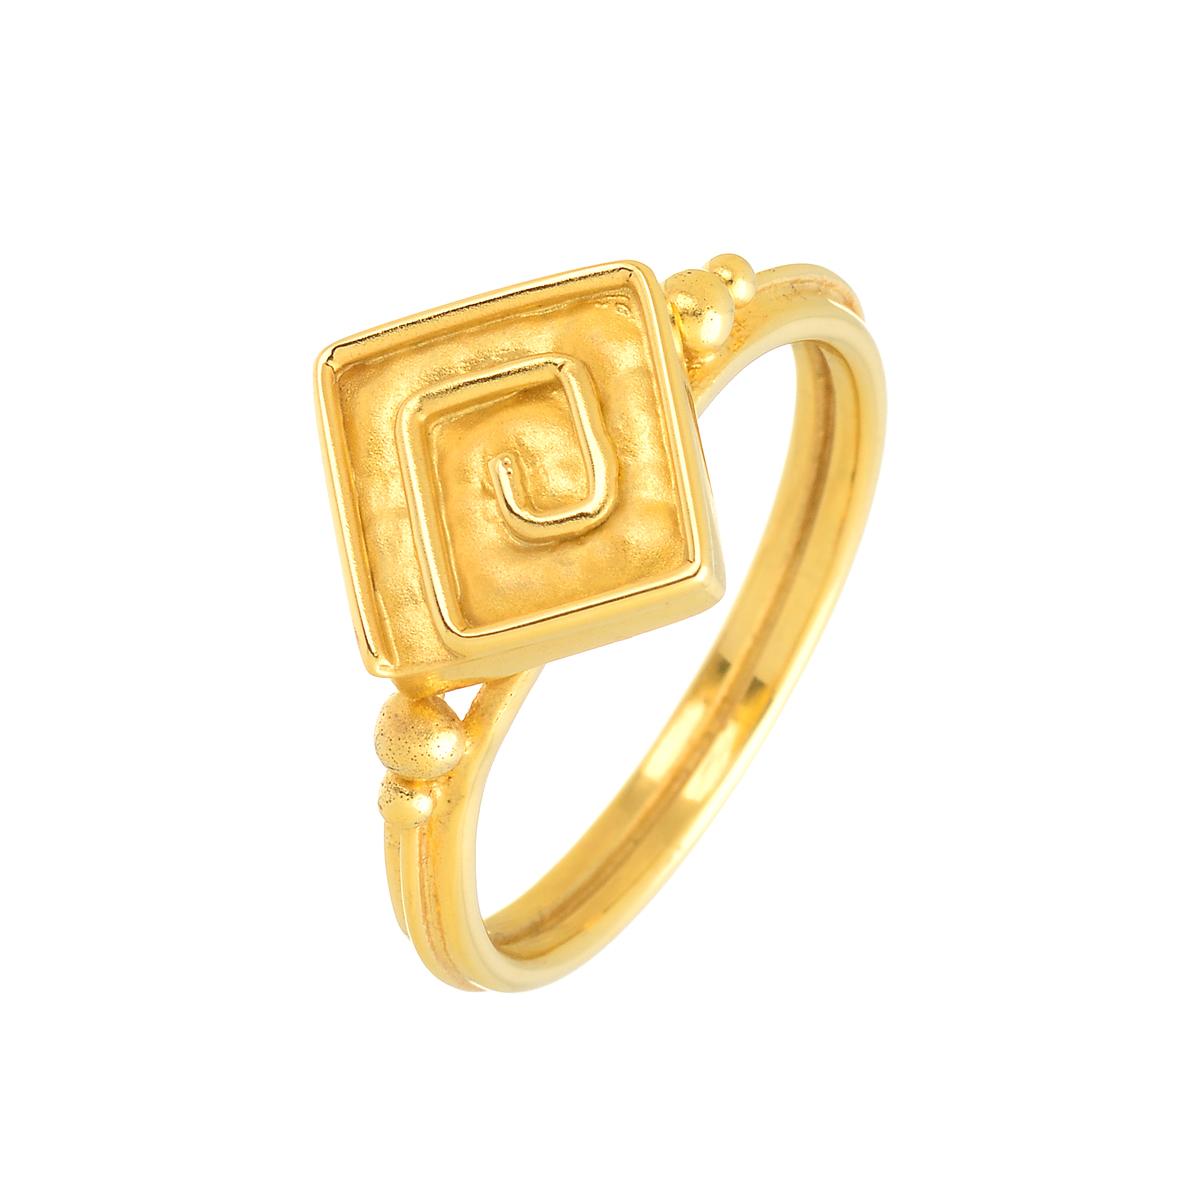 δαχτυλιδι χρυσο βυζαντινο